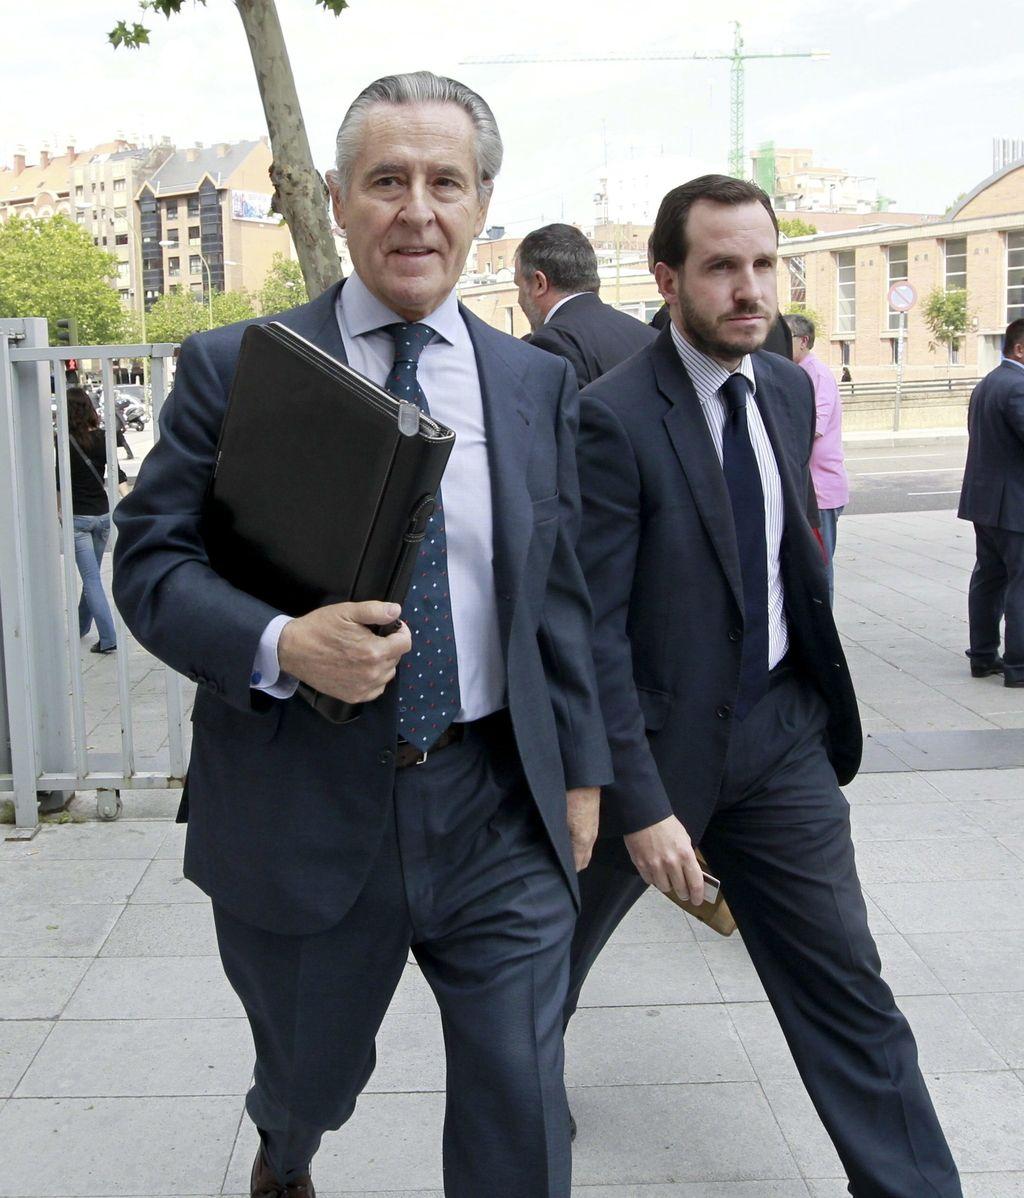 Miguel Blesa, ex presidente de Caja Madrid, llamado a declarar con carácter de urgencia ante el juez